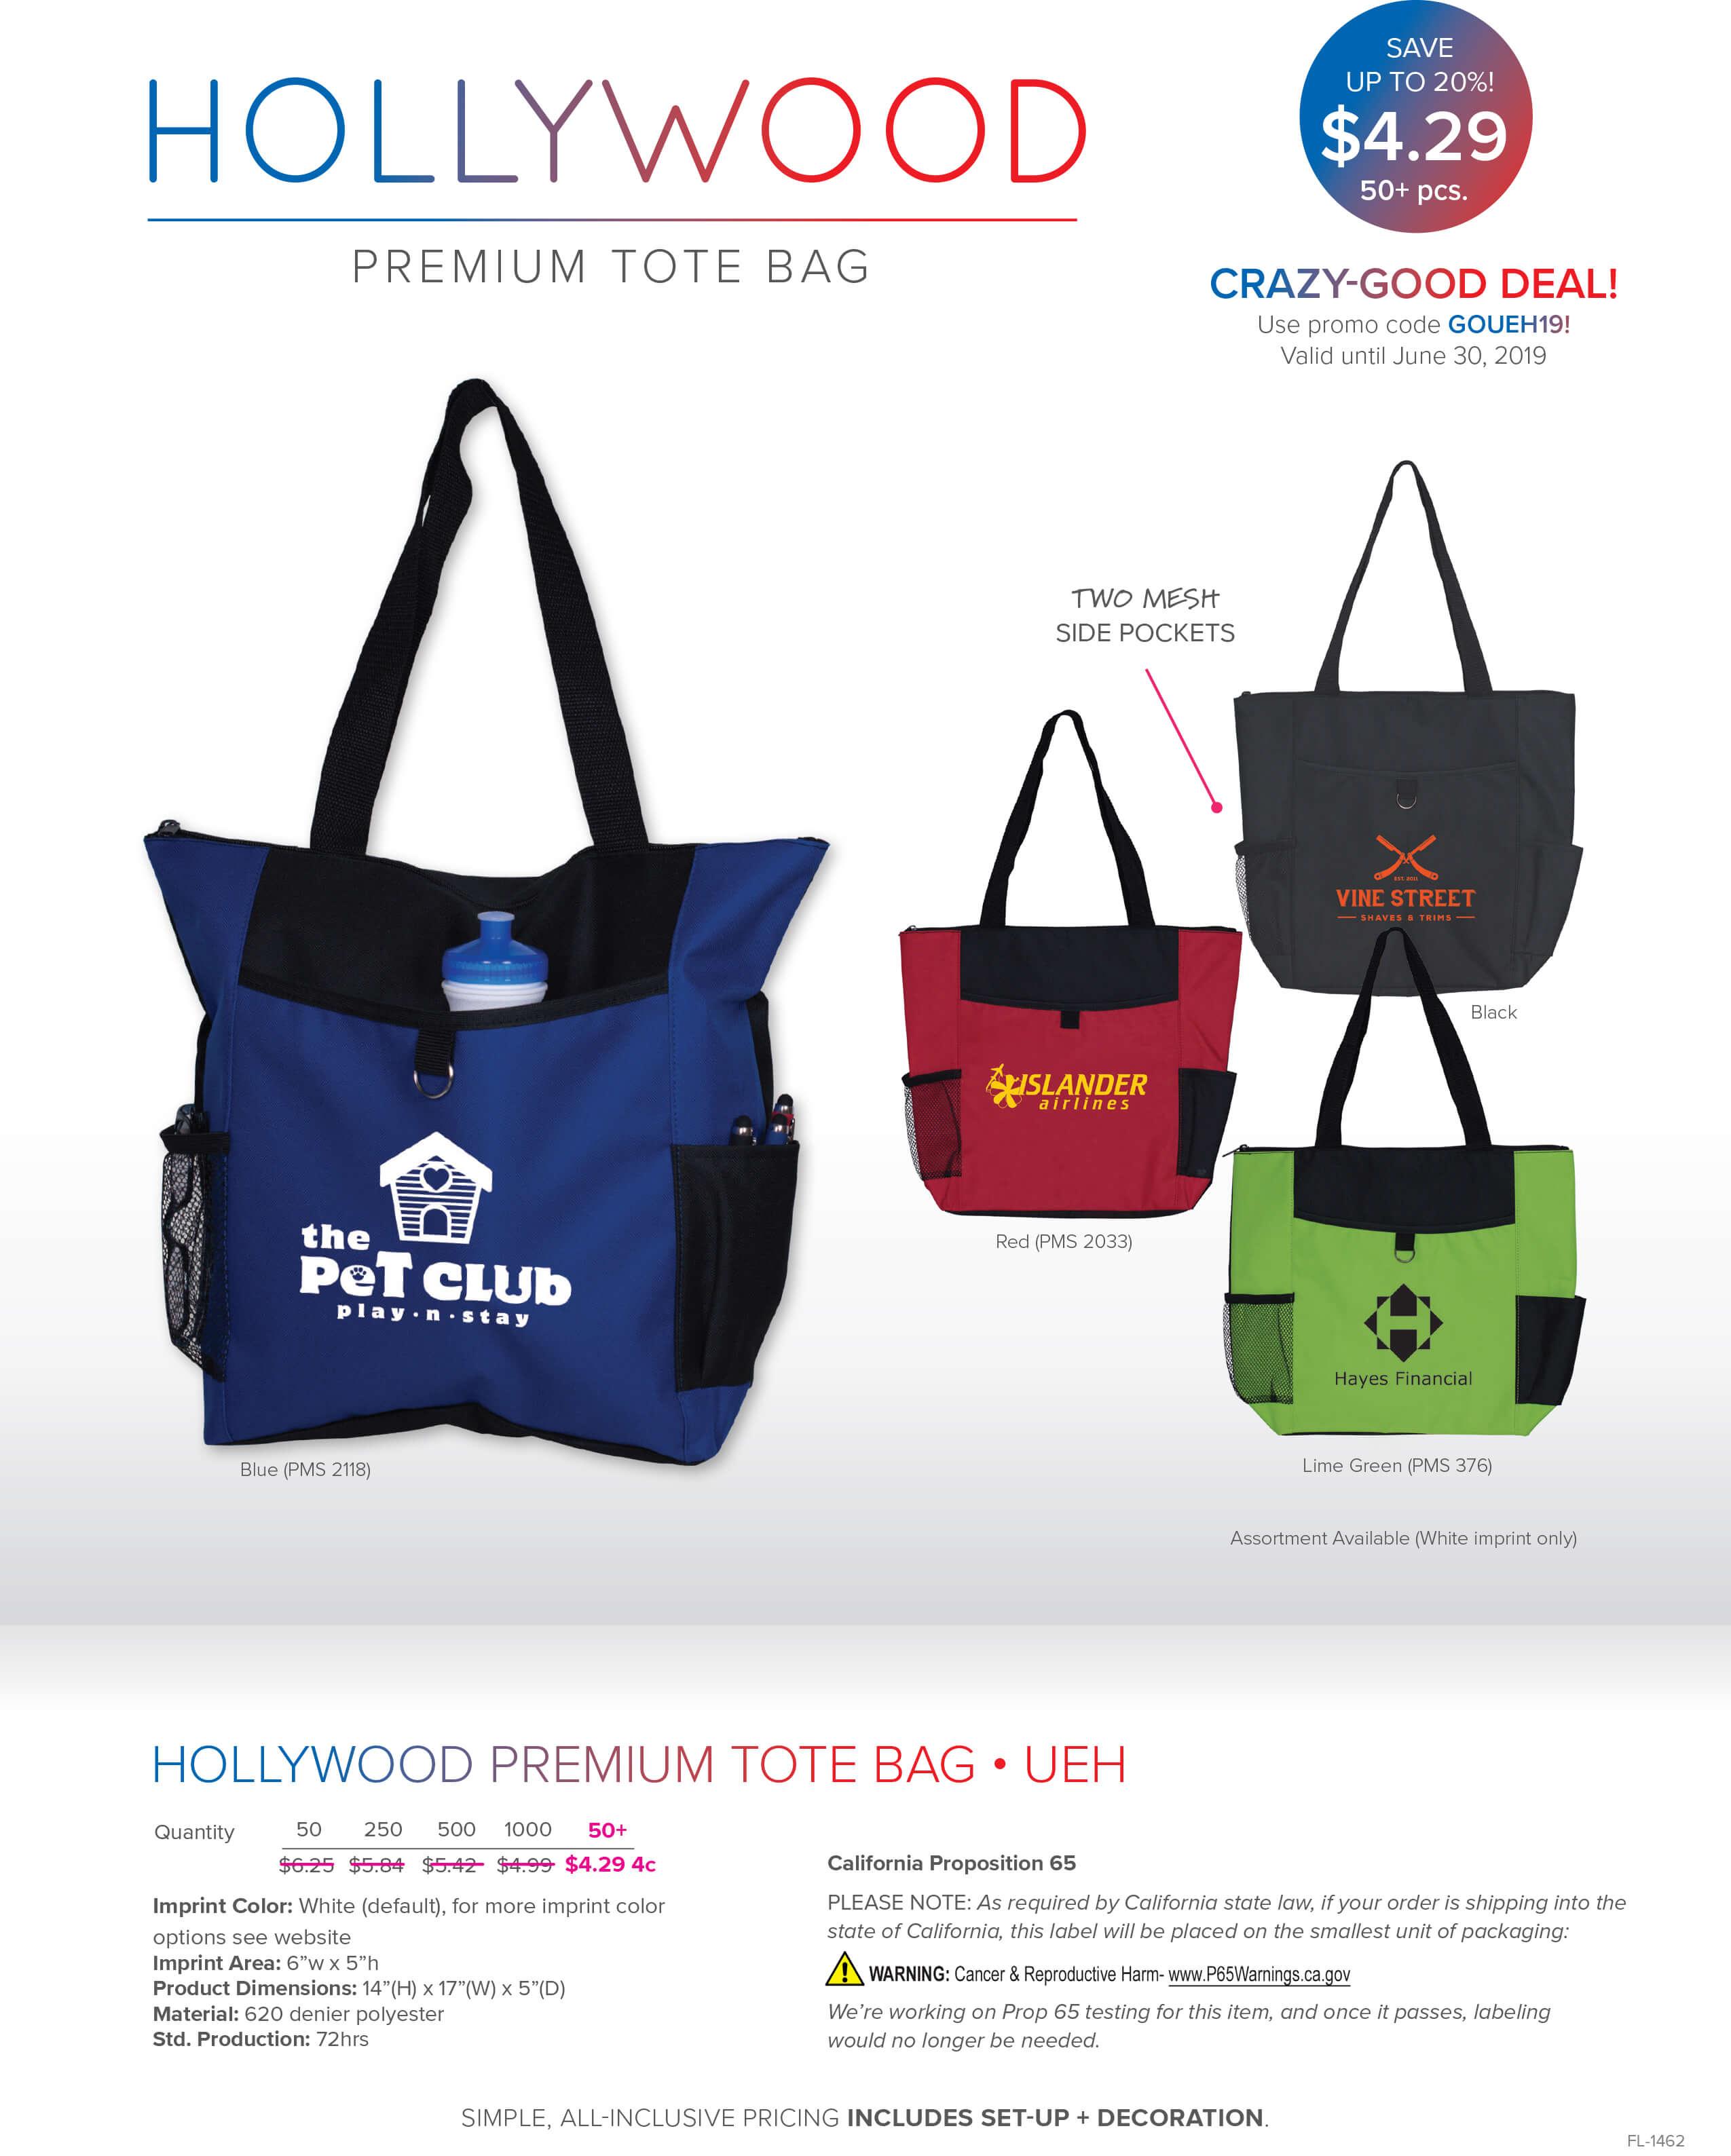 Crazy-Good Deal - Hollywood - Premium Tote Bag (UEH)